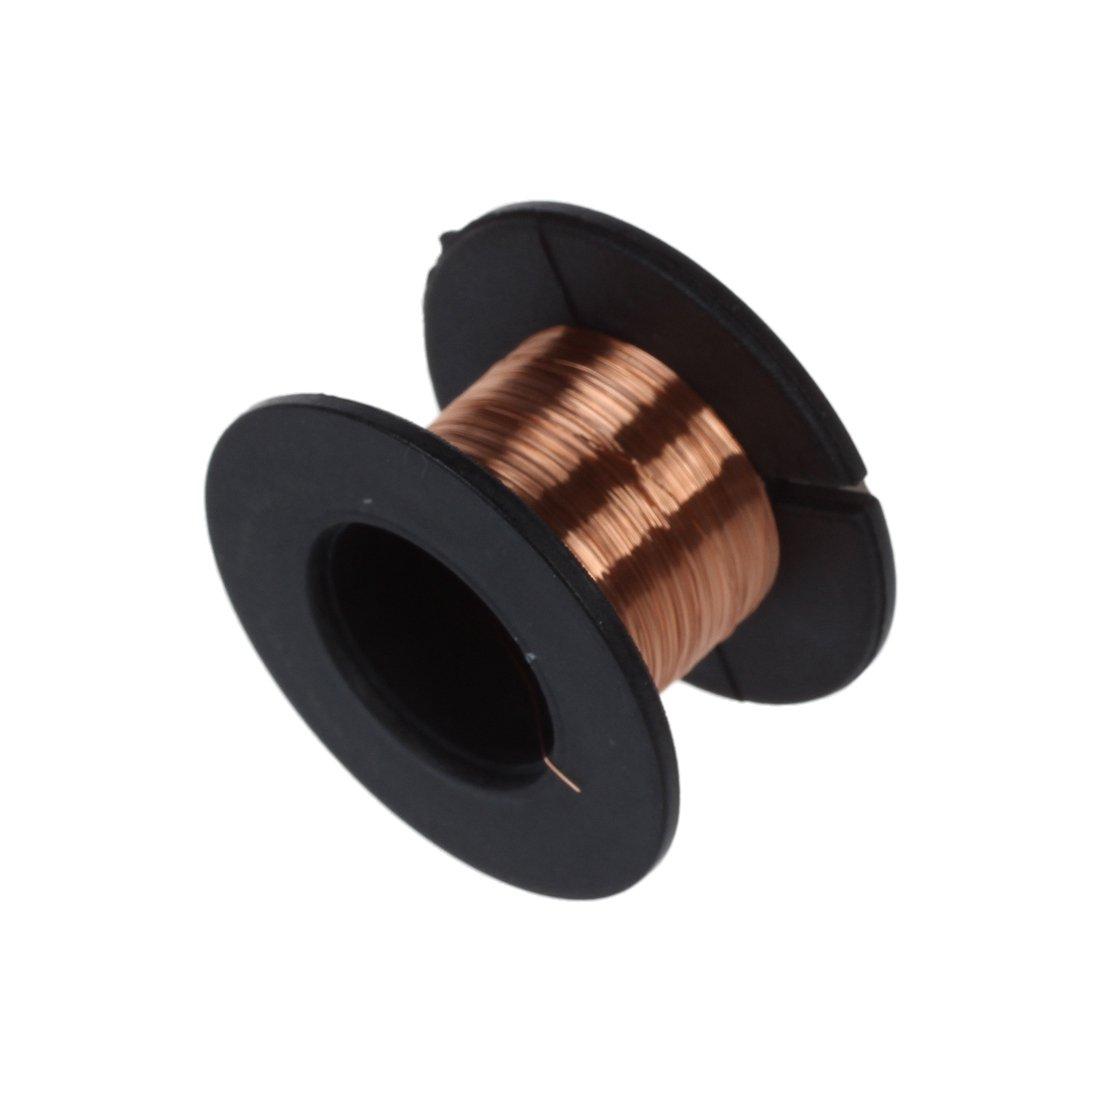 Cikuso 1pcs 15m 0.1mm cuivre a souder soudure emaille bobine de fil Rouleau Connexion